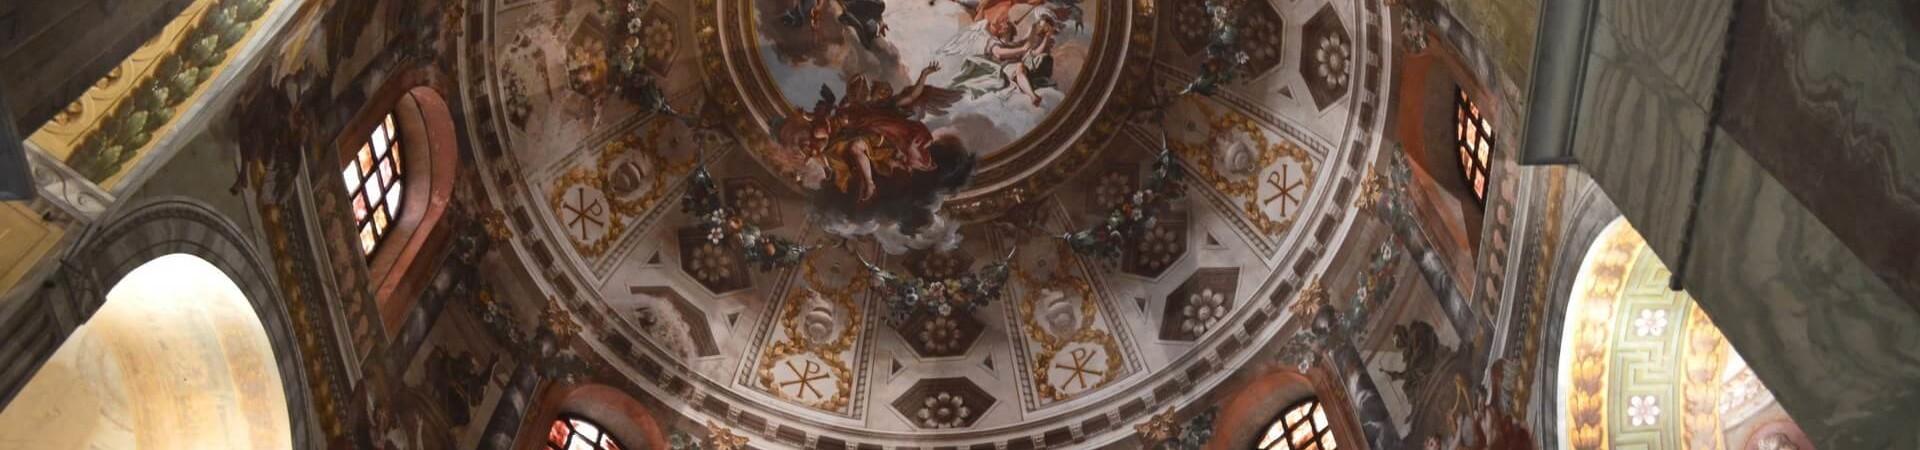 Rawenna mozaiki San Vitale